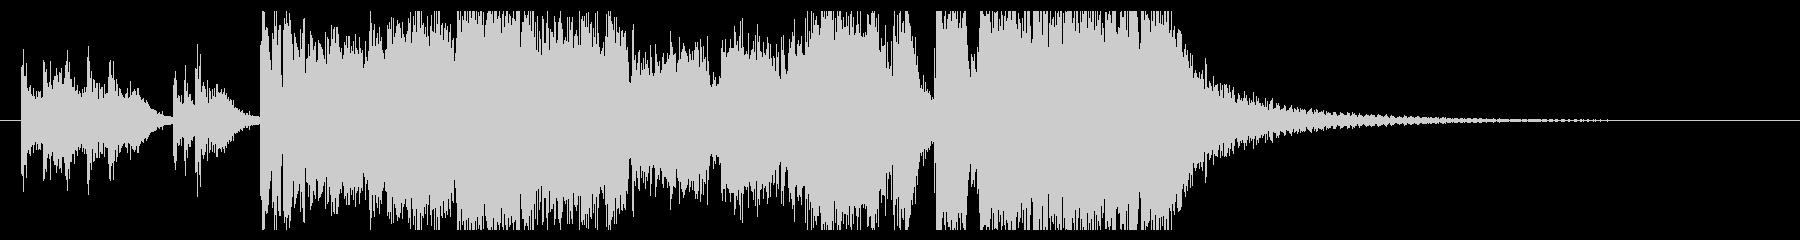 重厚で壮大なファンファーレ・ジングルの未再生の波形